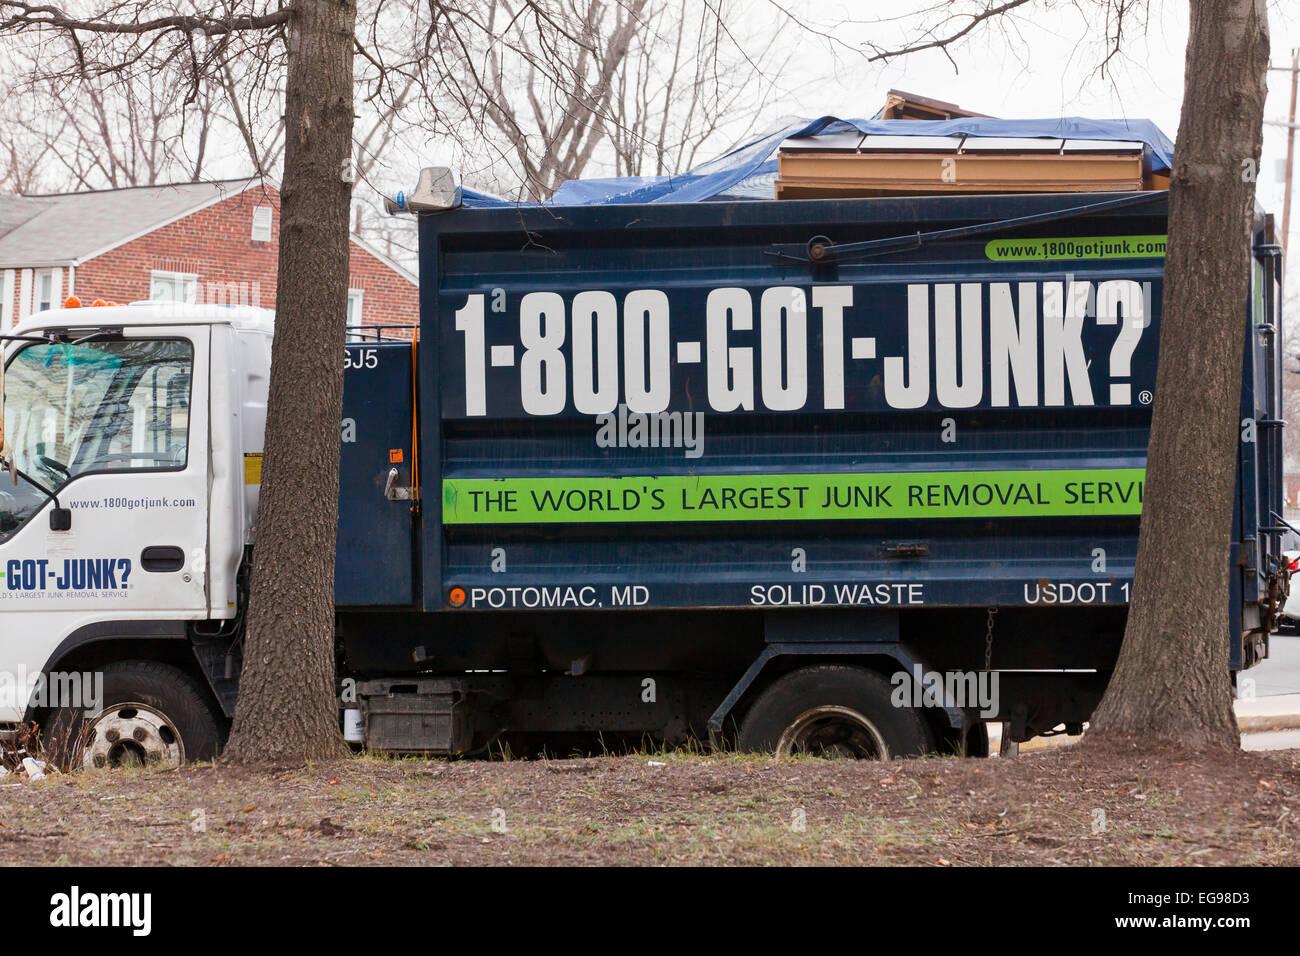 Junk pickup service truck - USA Stock Photo: 78880175 - Alamy